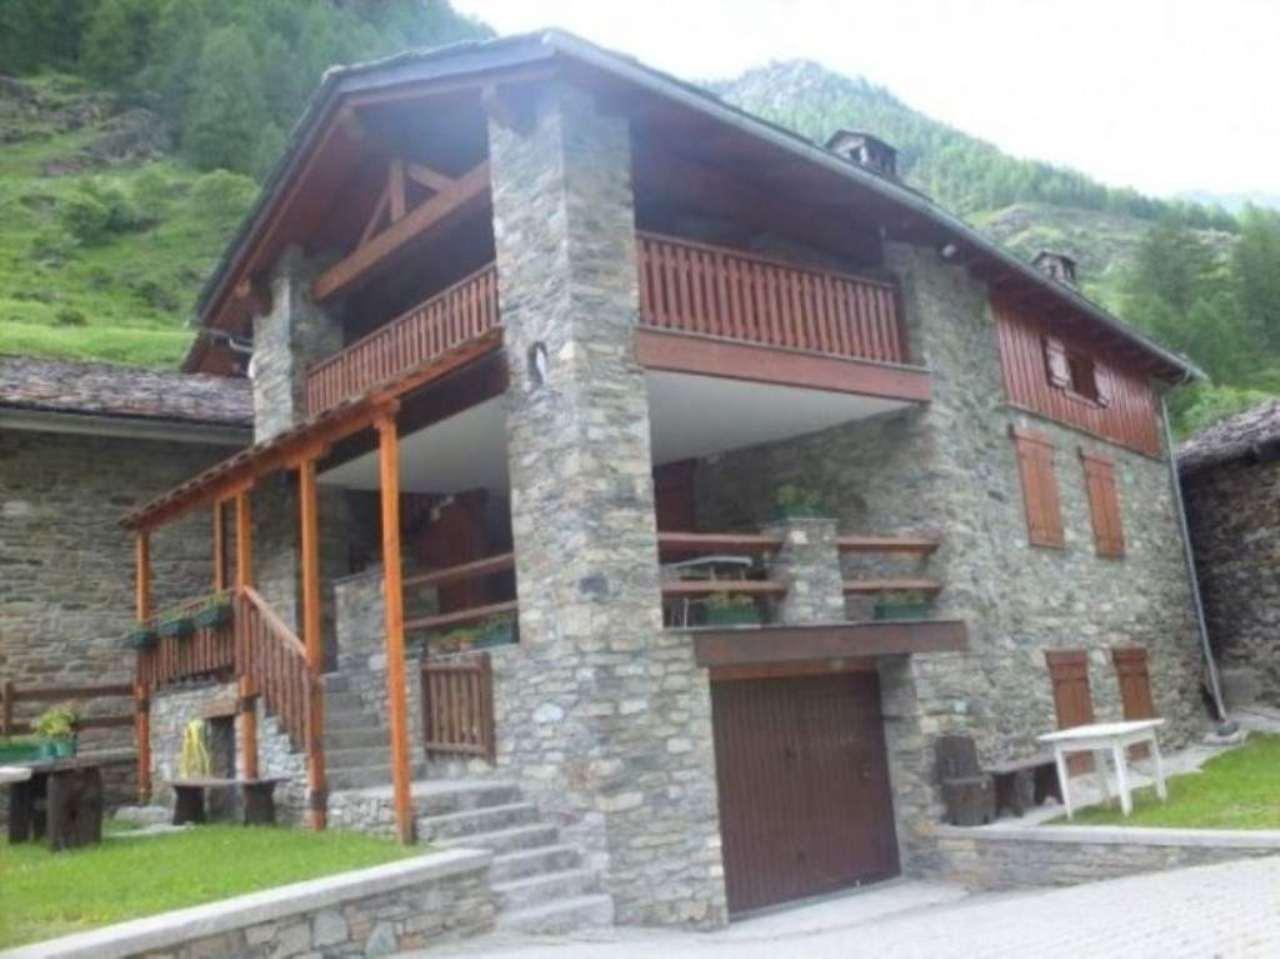 Appartamento in vendita a Rhemes-Notre-Dame, 4 locali, prezzo € 380.000 | Cambio Casa.it